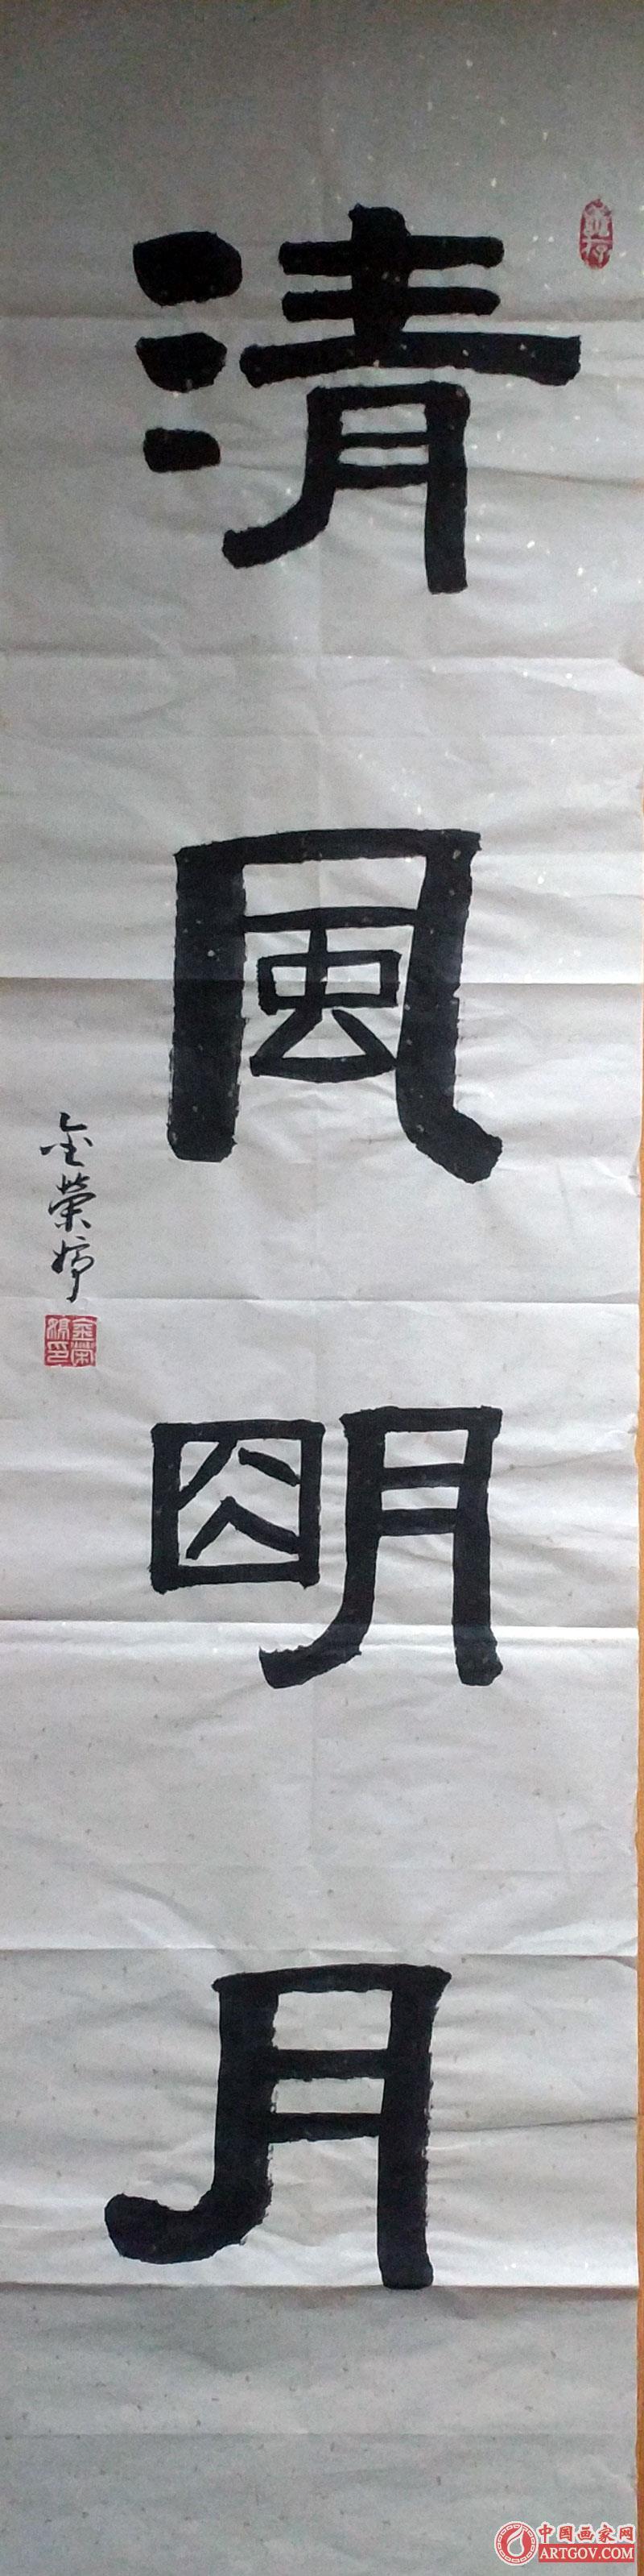 金荣婷女书法家 国家一级书法师 国家一级美术师